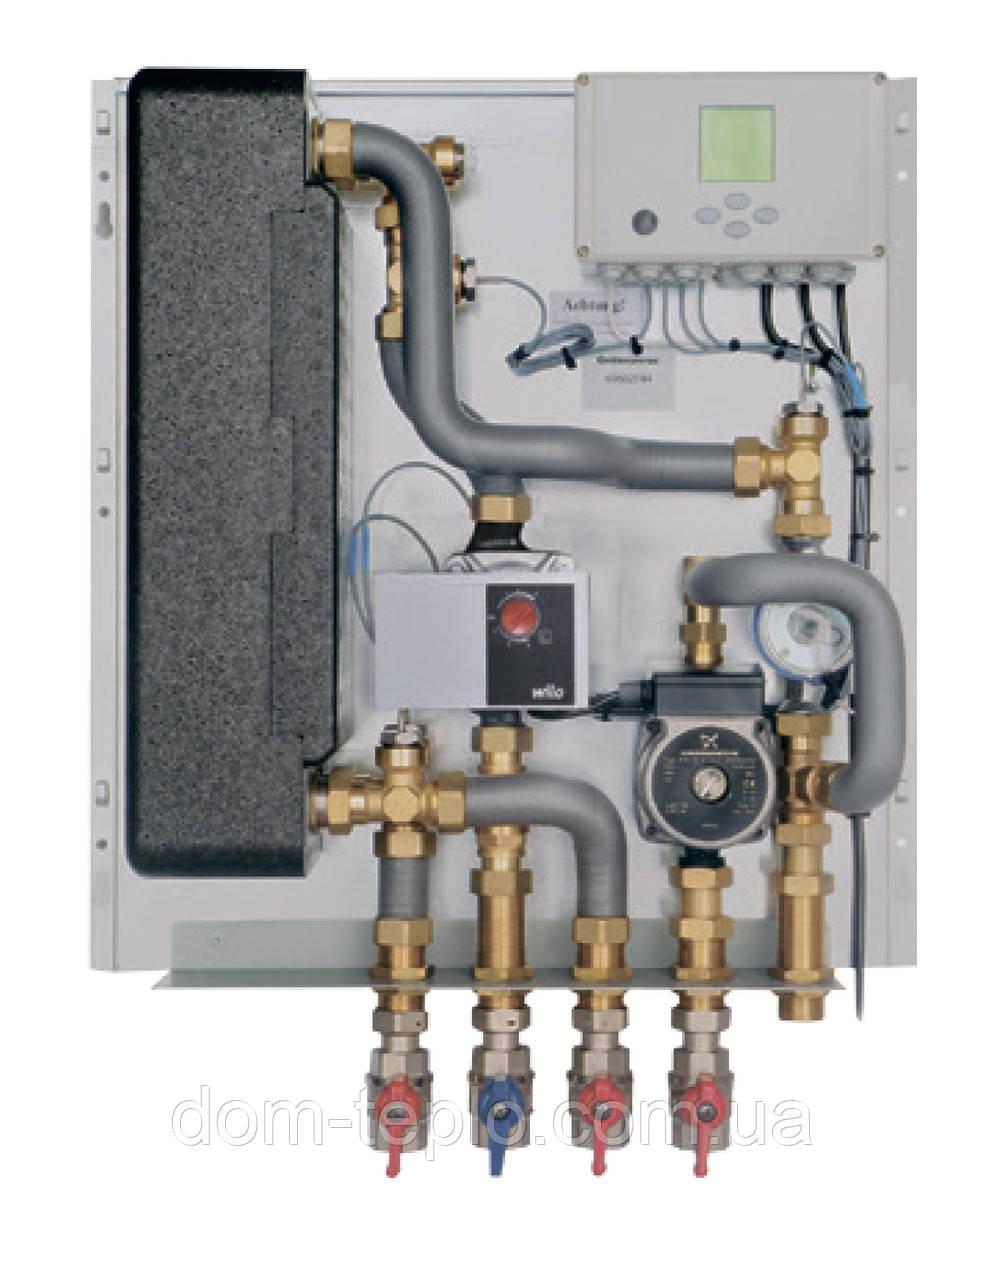 Проточная станция приготовления горячей воды LogoFresh,110 кВт (2-45 л/мин) с рецерк. Meibes